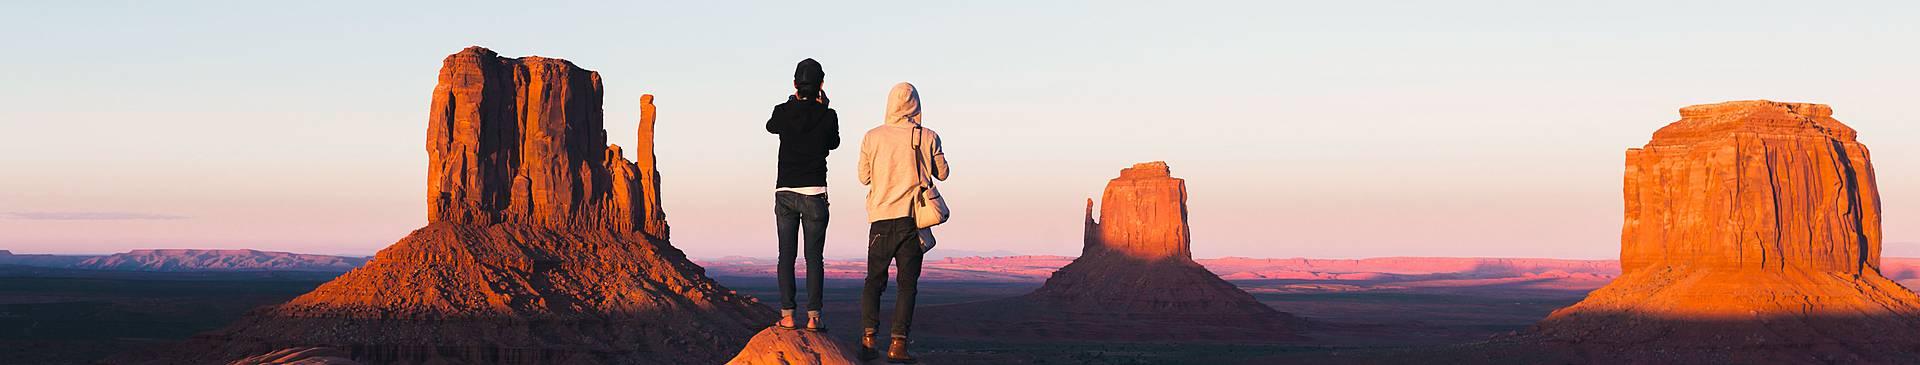 Viaggi nel deserto negli Stati Uniti